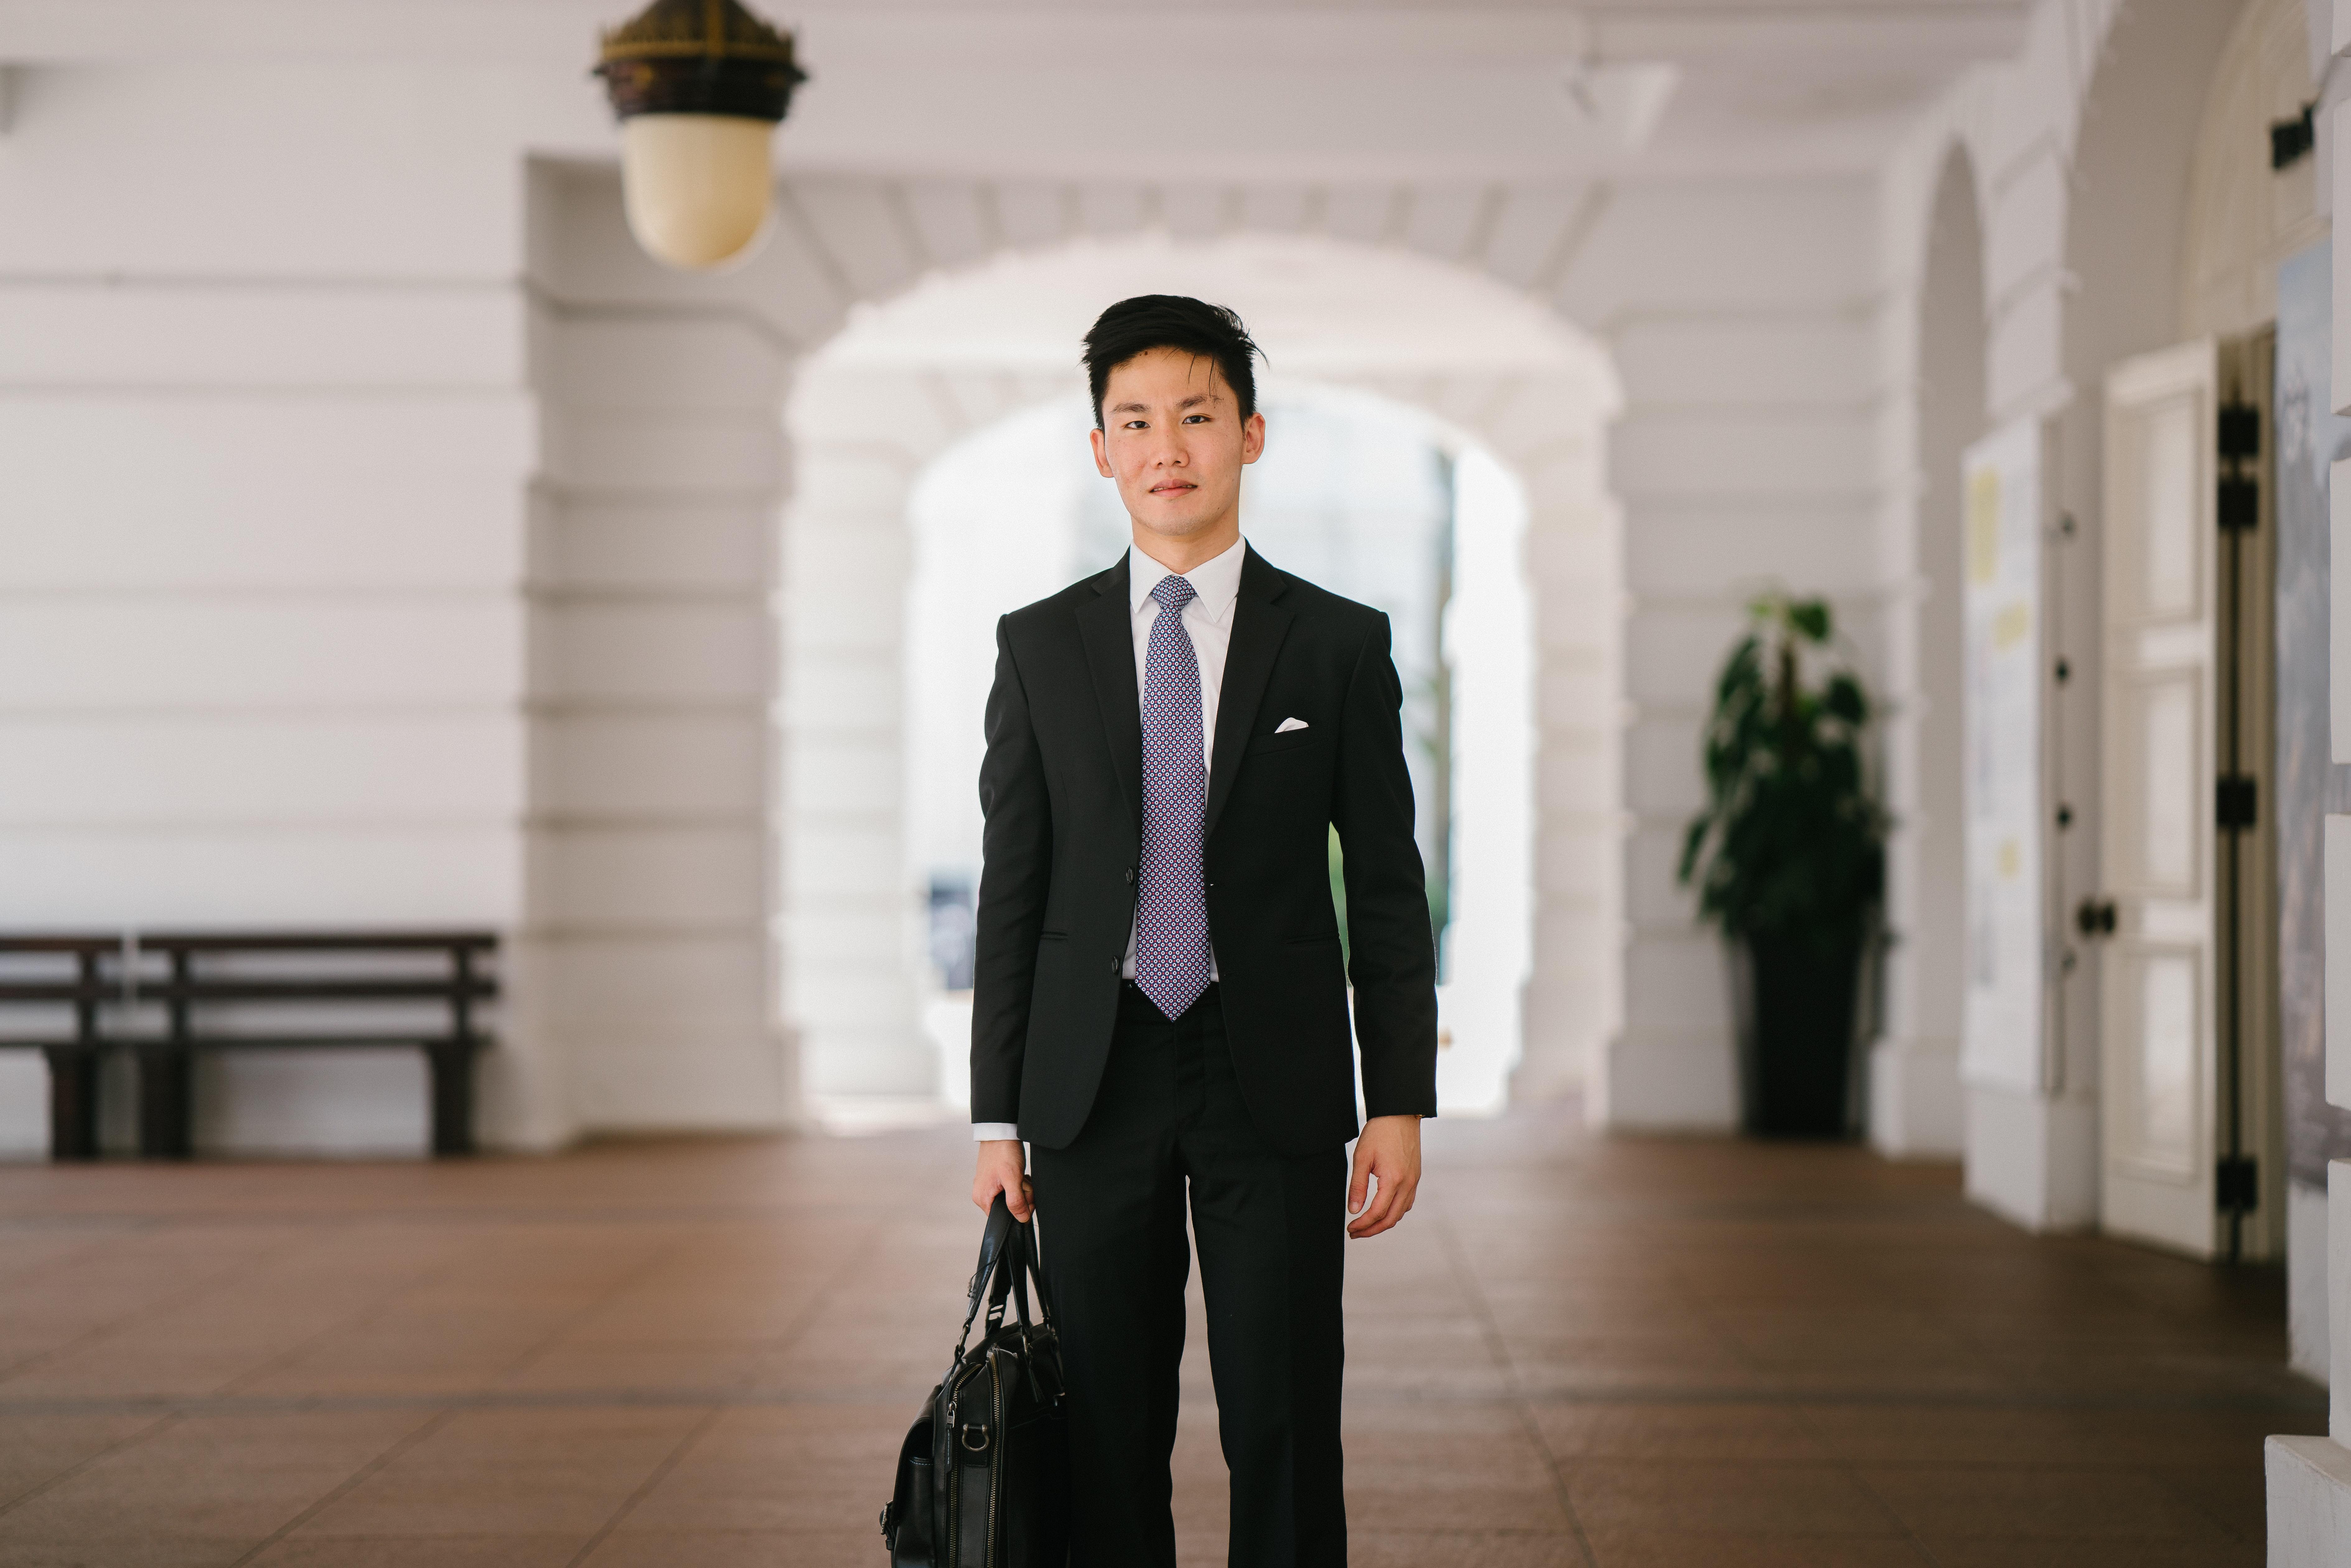 men-wearing-black-suit-jacket-and-pants-936564.jpg